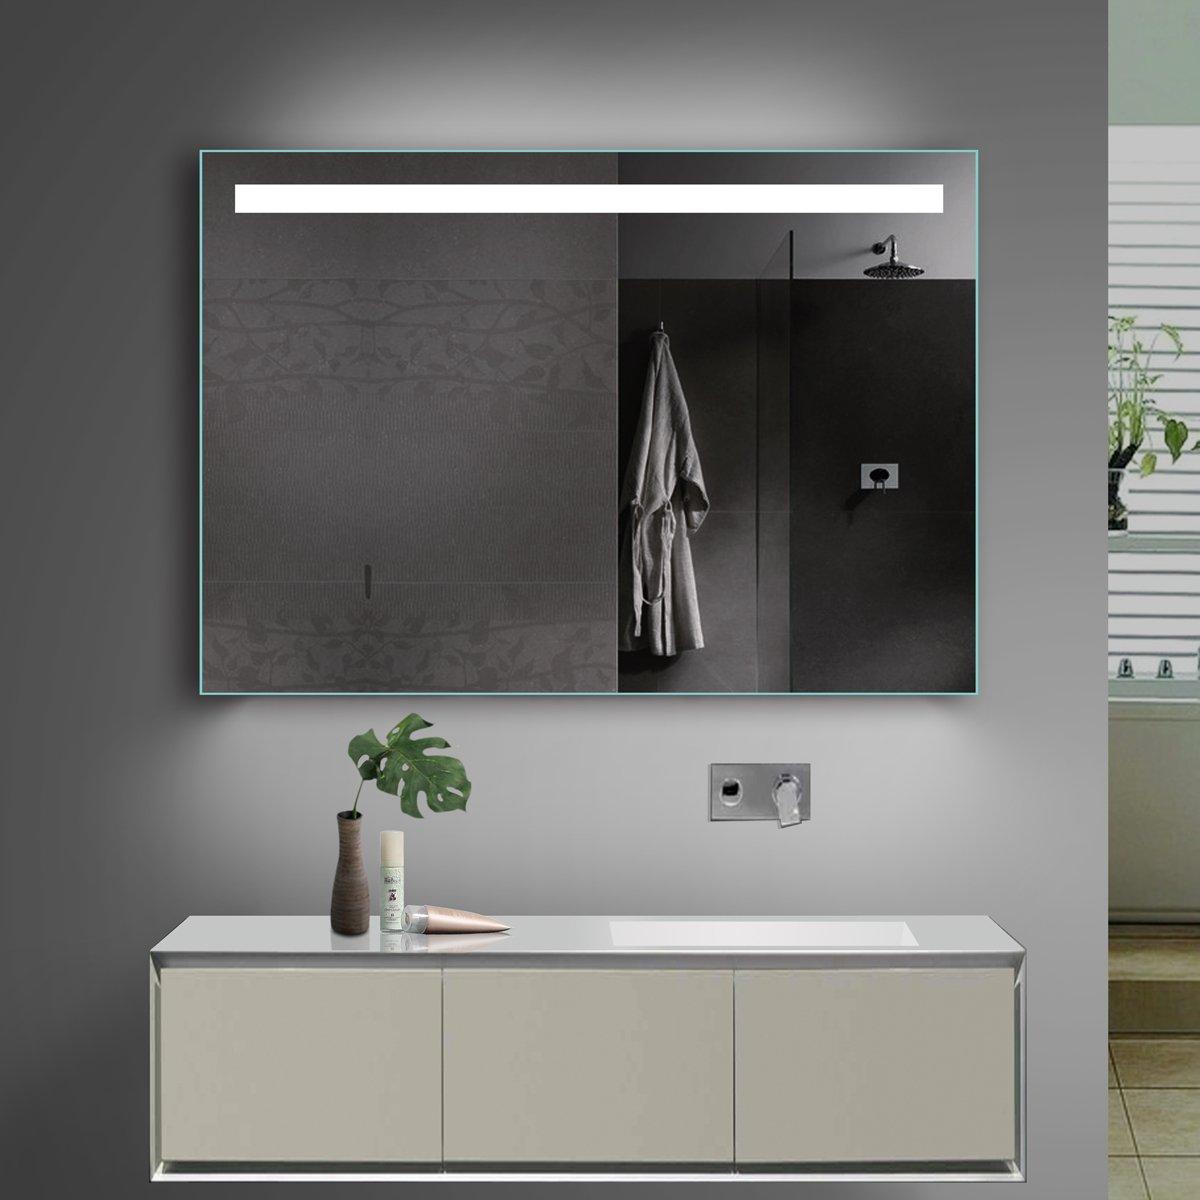 Specchio bagno 100x60 - Specchio adesivo ikea ...